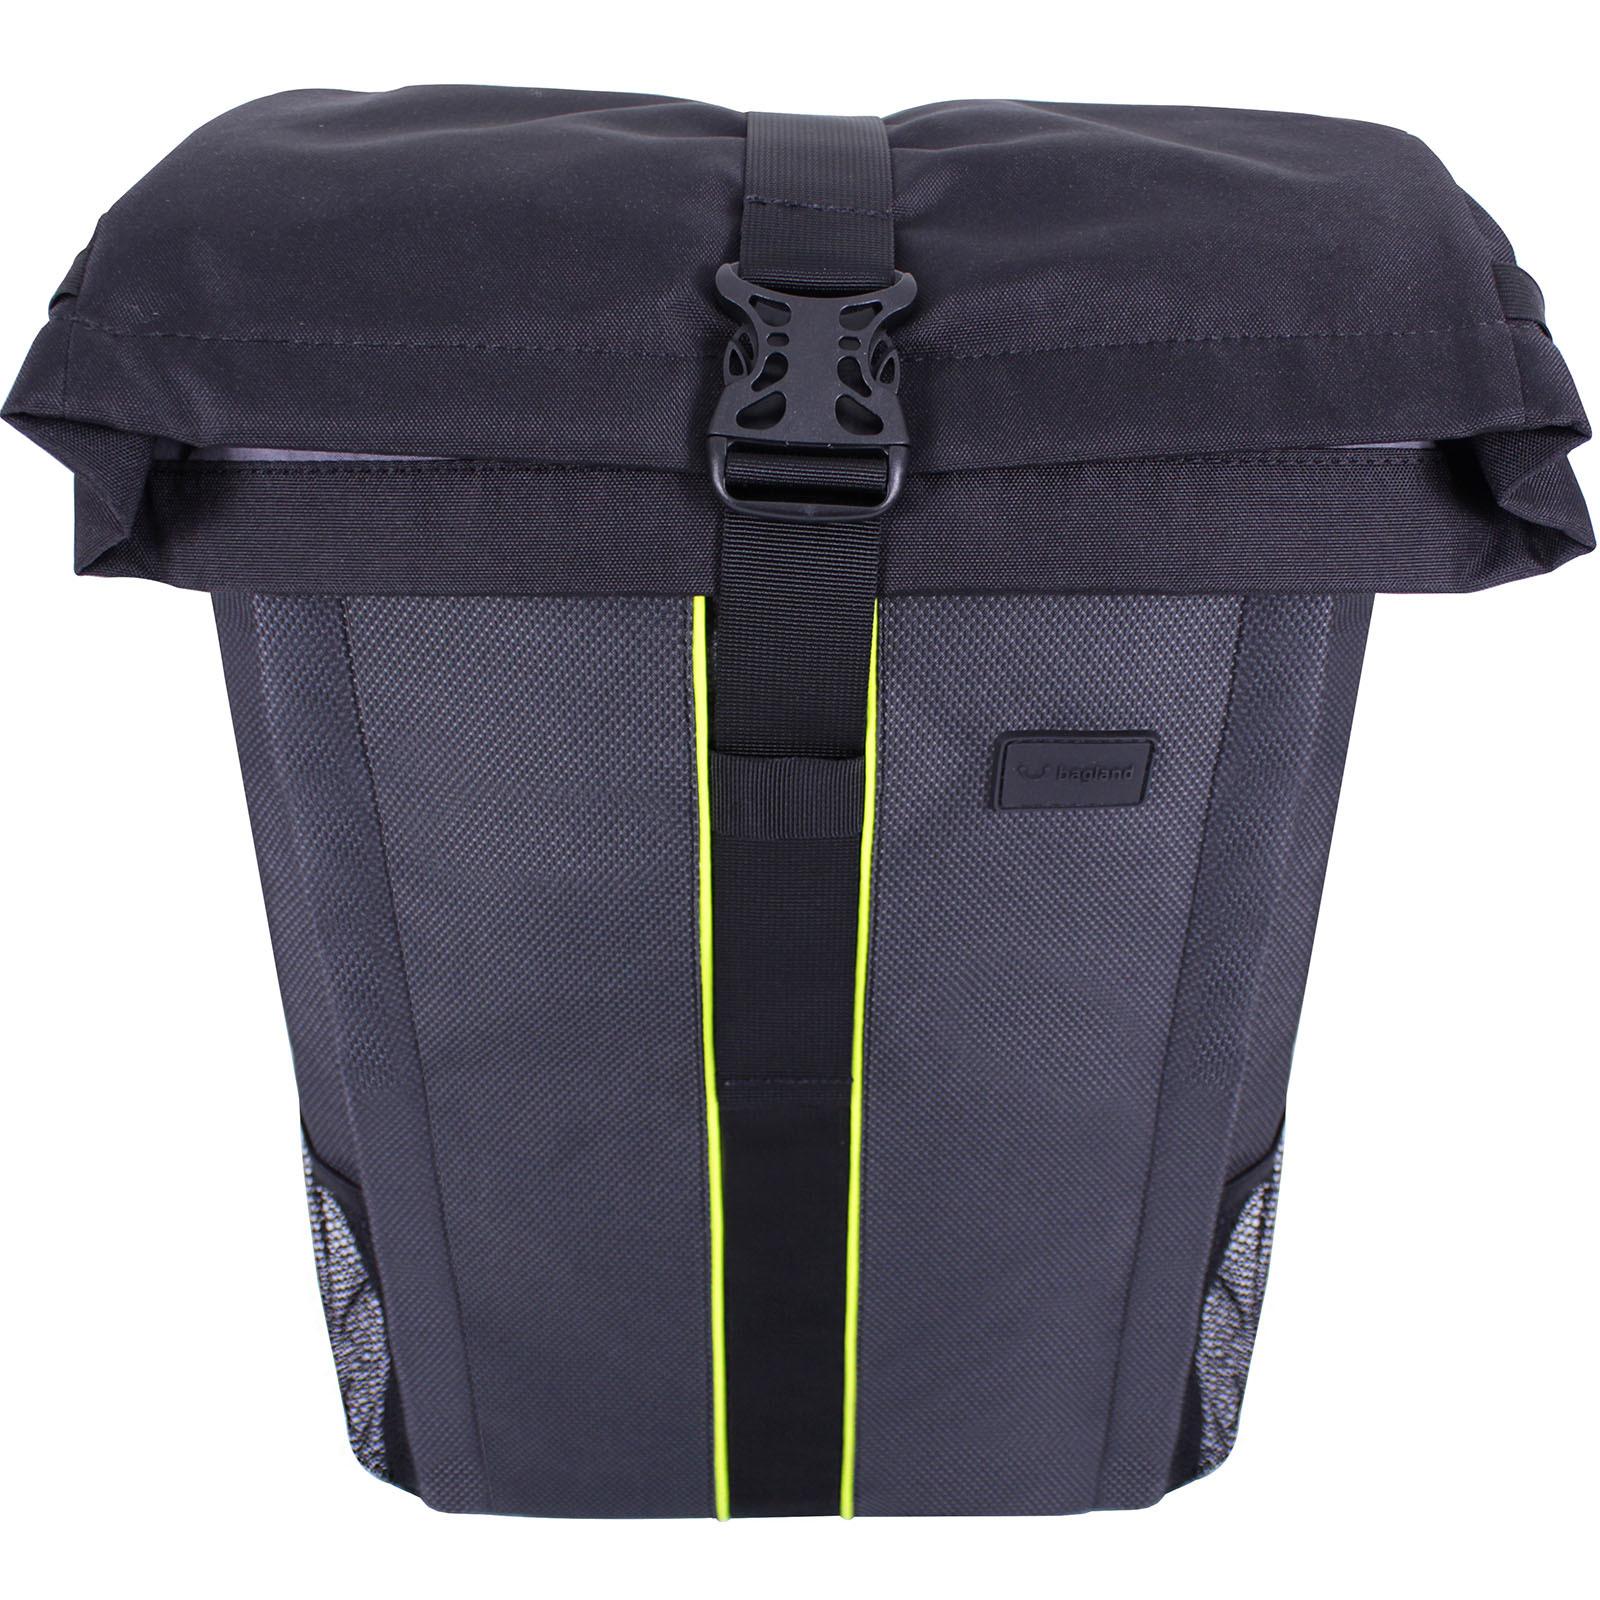 Рюкзак для ноутбука Bagland Roll 21 л. Чёрный (00156169) фото 2